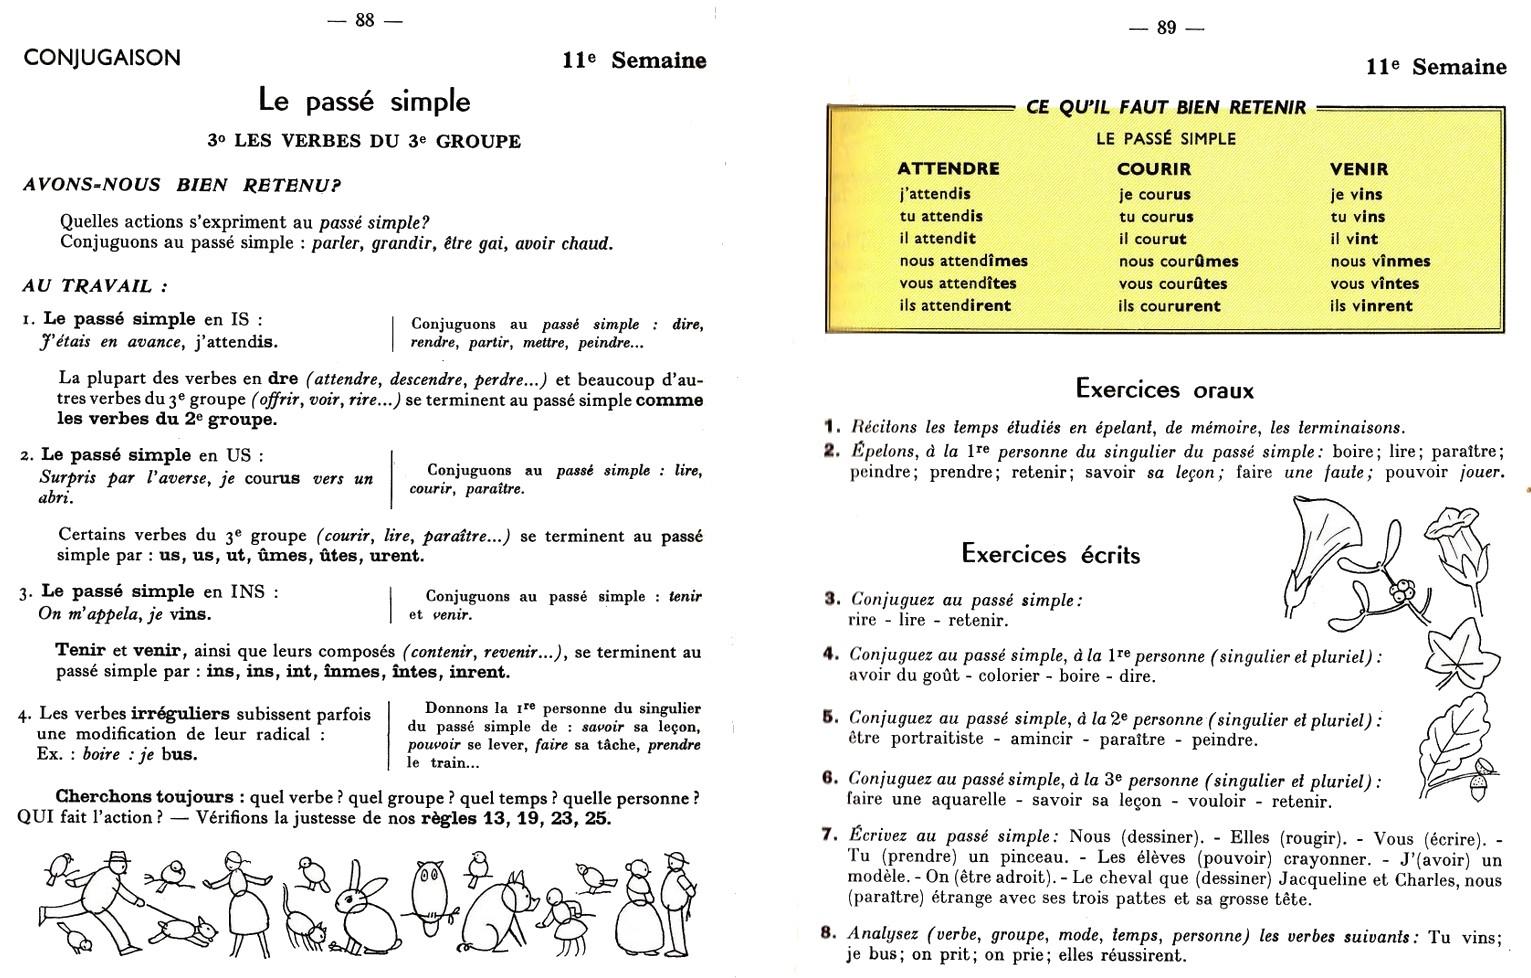 Manuels anciens berthou grammaire conjugaison for Peindre a l imparfait